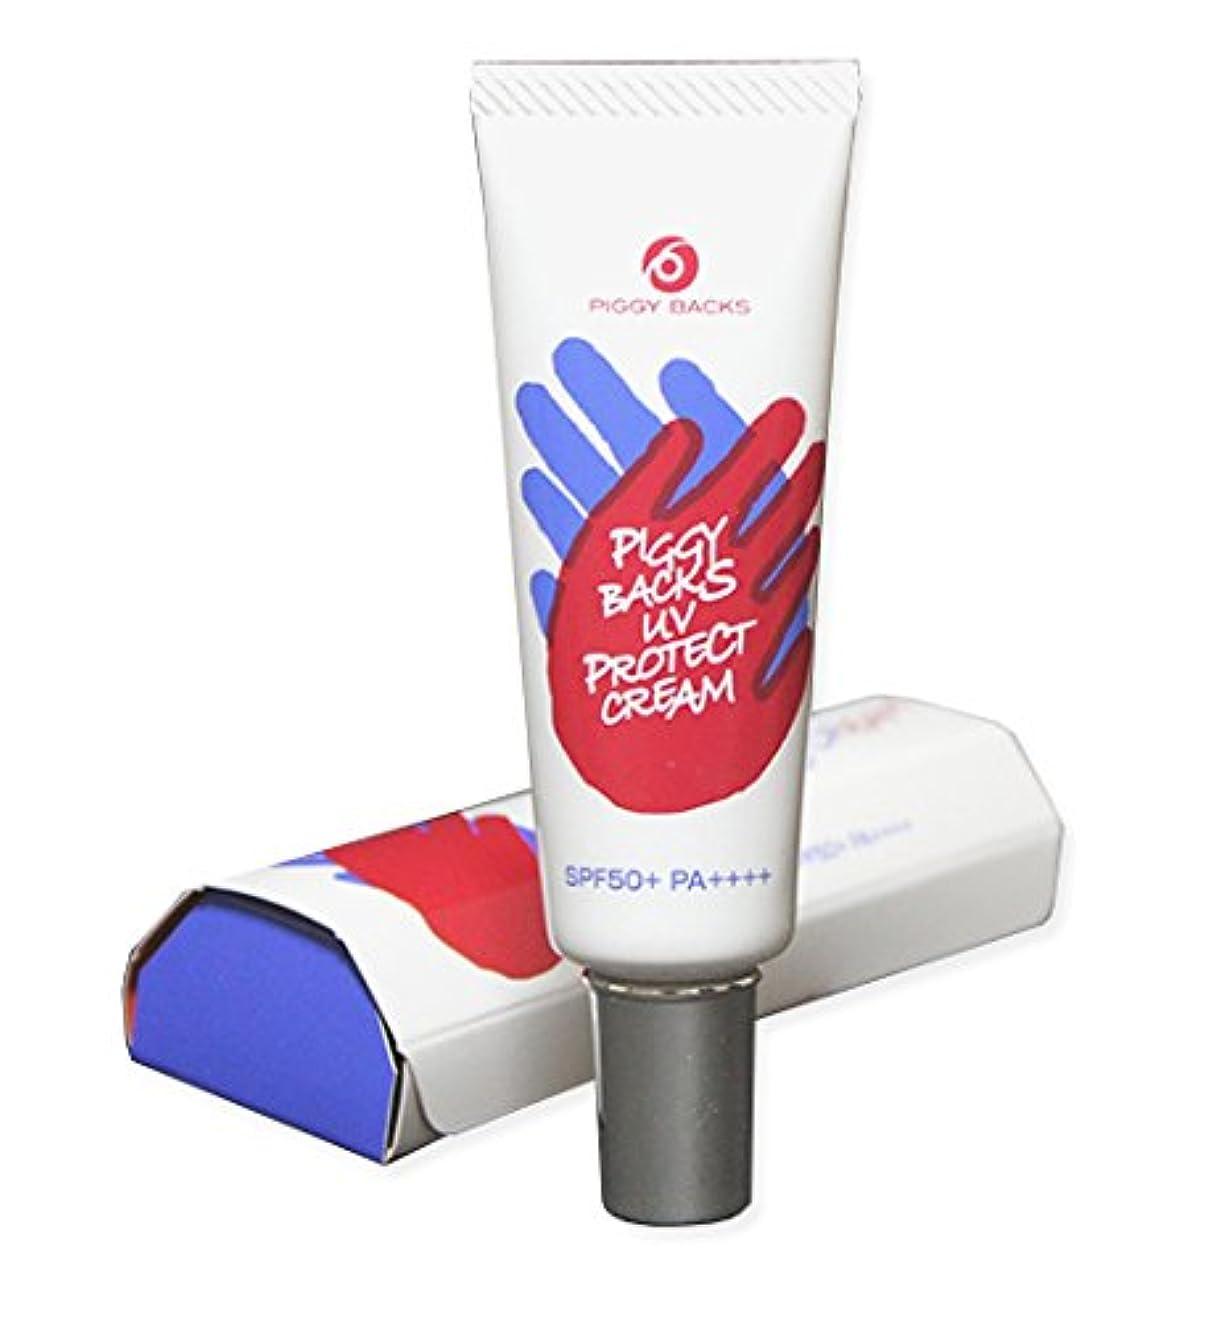 酸予定ベジタリアンピギーバックス UVプロテクトクリーム【SPF50+、PA++++】国内最高紫外線防御力なのにノンケミカルを実現!塗り直しがいらない日焼け止めクリーム